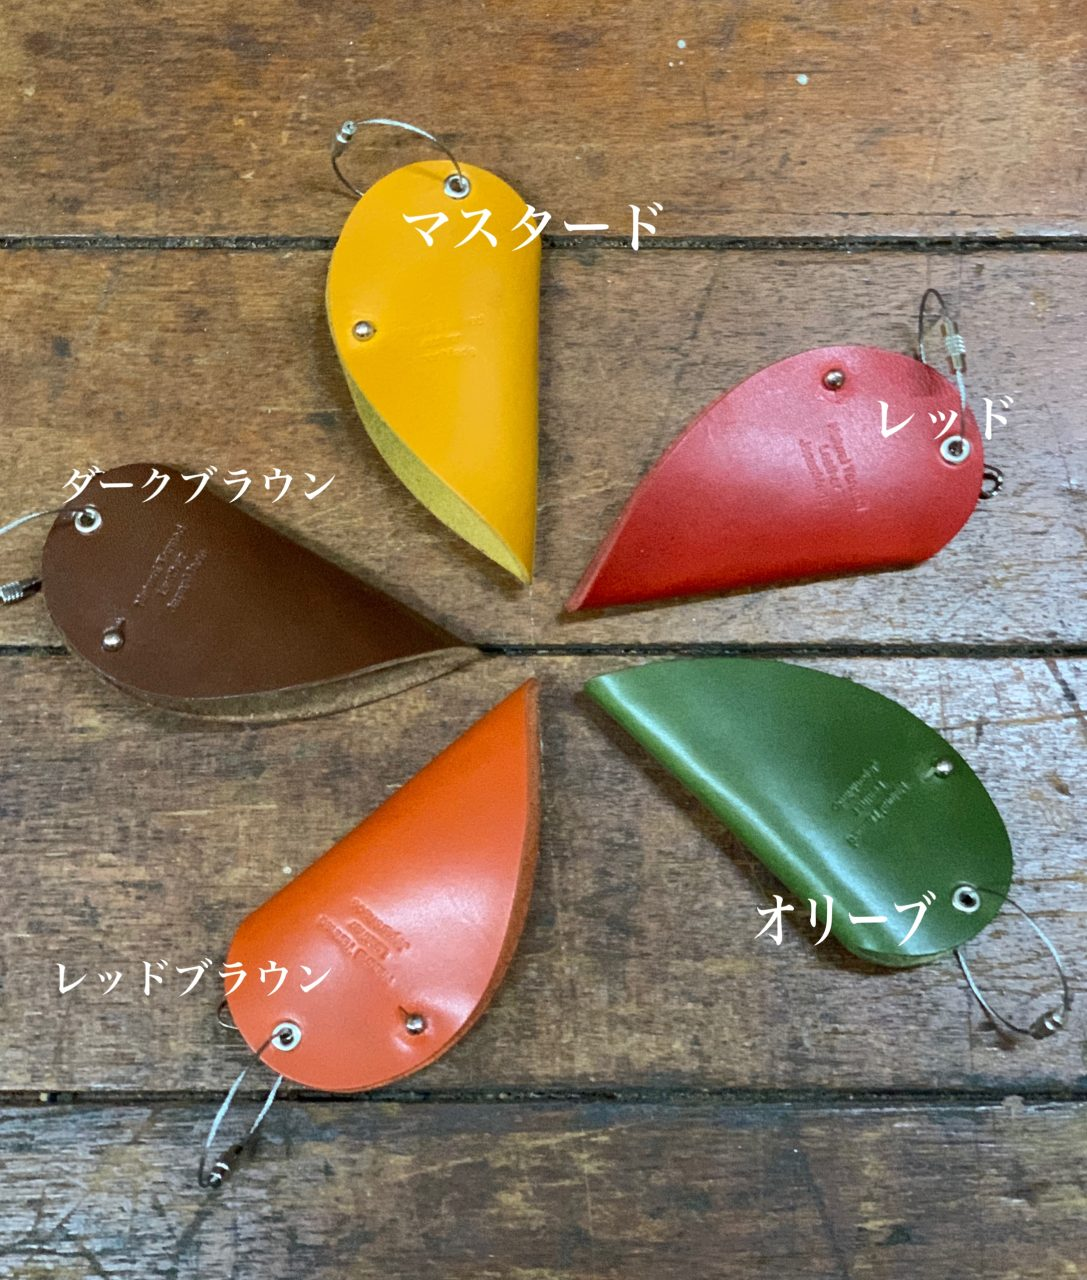 キーケース キーホルダー キーカバー 栃木レザー 本革 牛革 メンズ レディース 革小物 自社生産 日本製